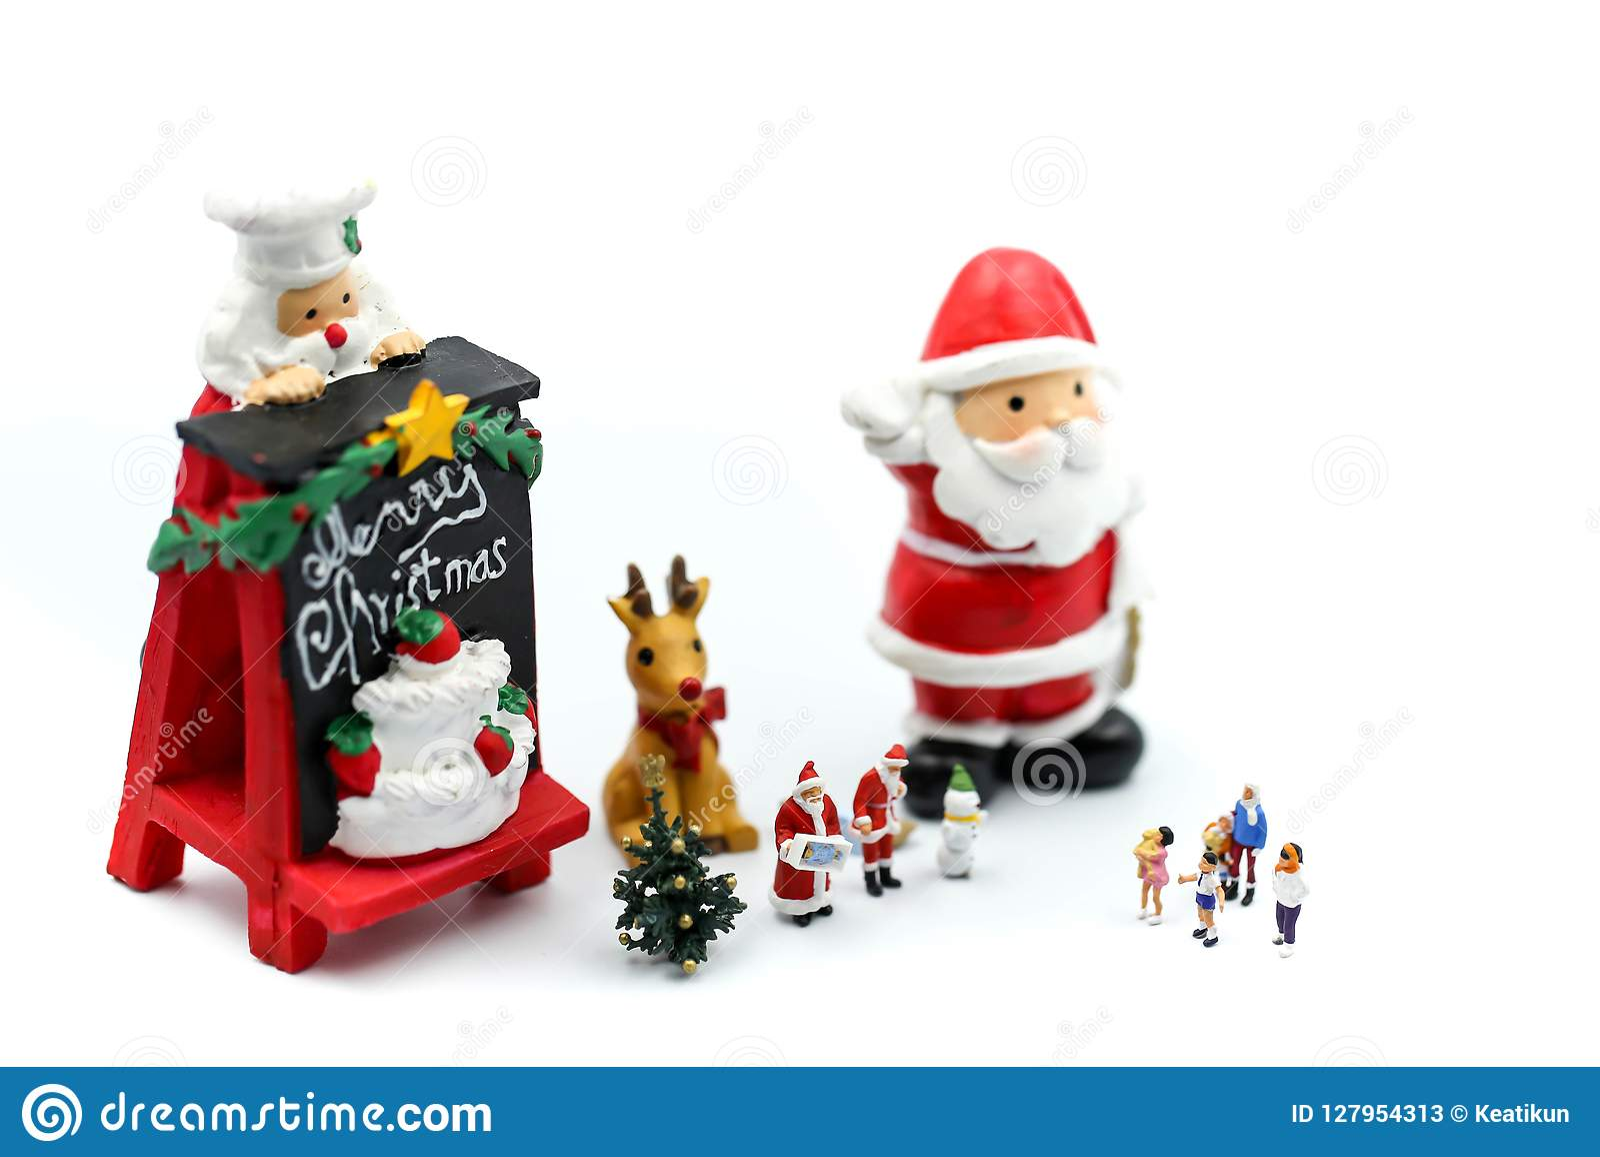 Χαρούμενα Χριστούγεννα και μικροσκοπικοί άνθρωποι καλής χρονιάς: Παιδιά W